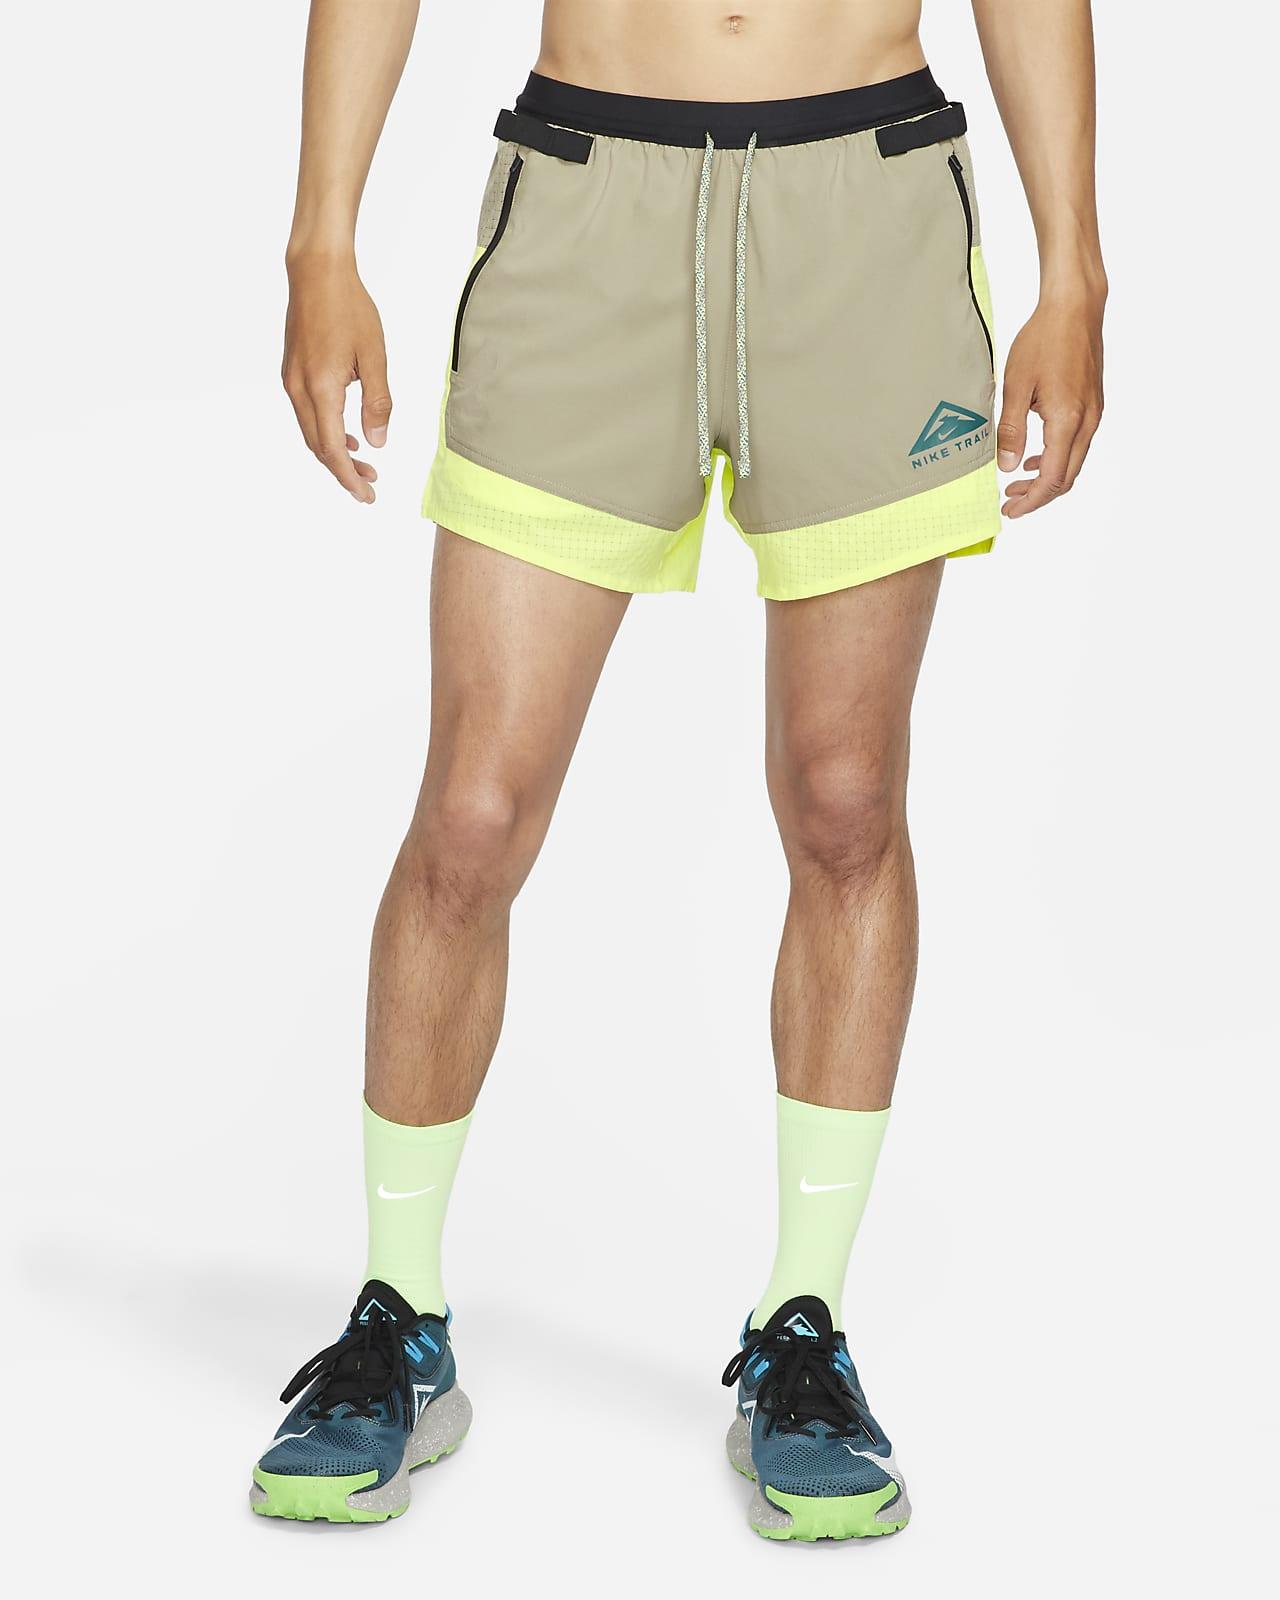 กางเกงวิ่งเทรลขาสั้นผู้ชาย Nike Dri-FIT Flex Stride